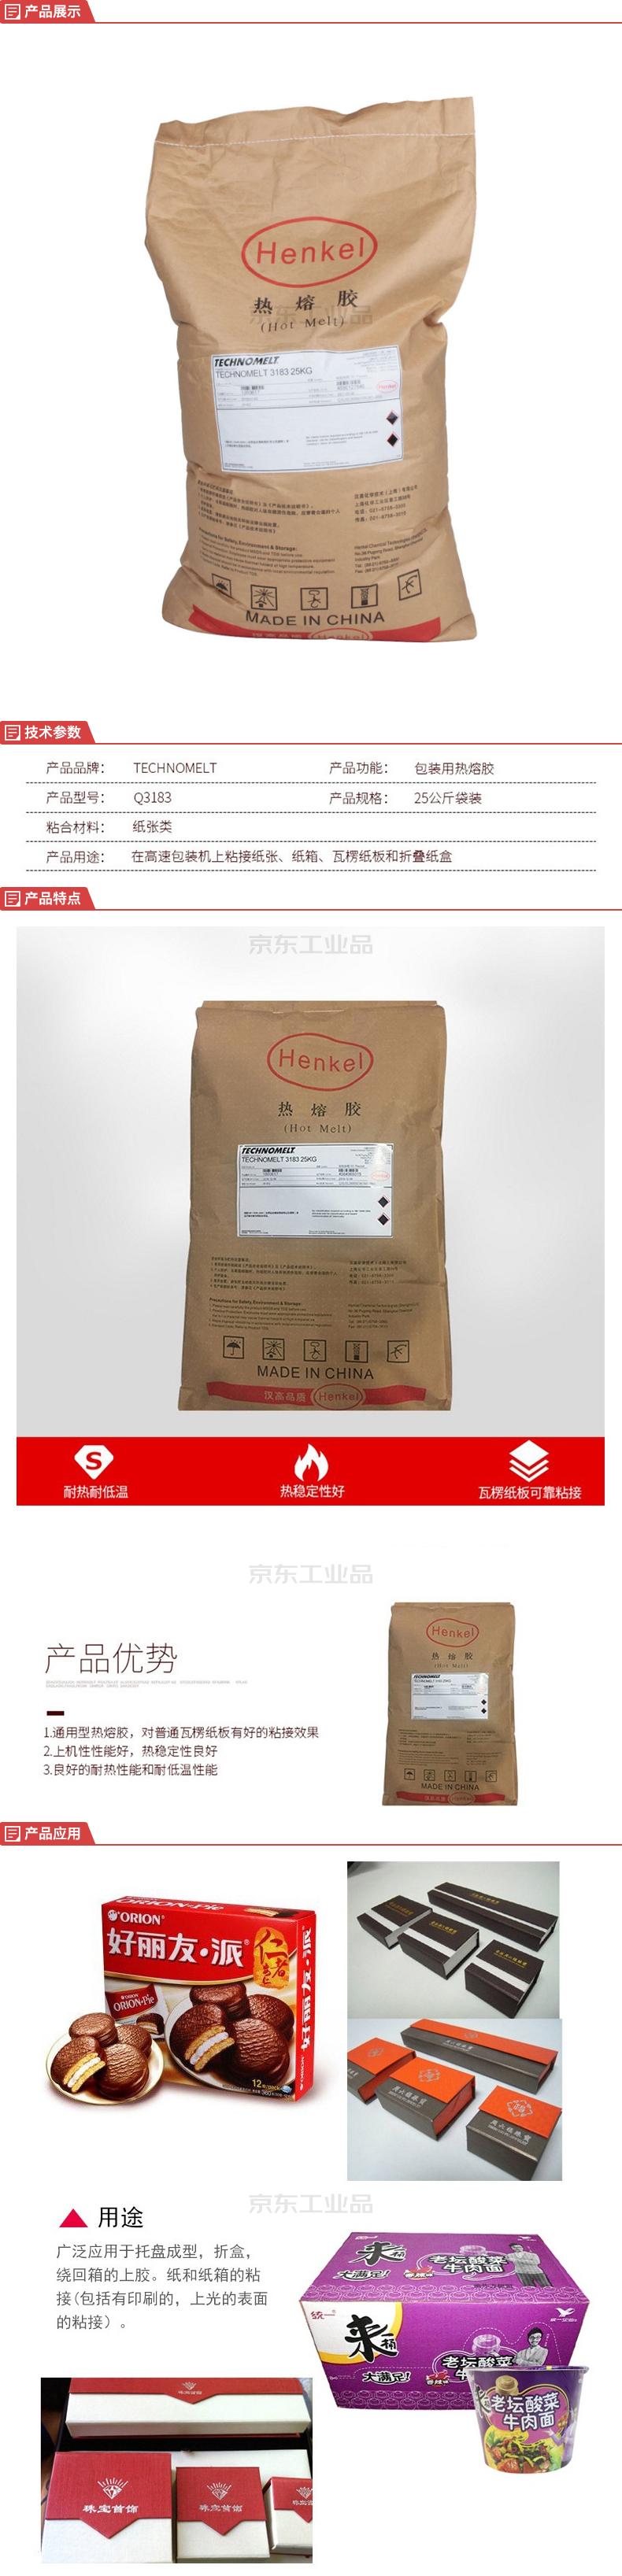 汉高 (线下AI)热溶胶3183 25KG/袋